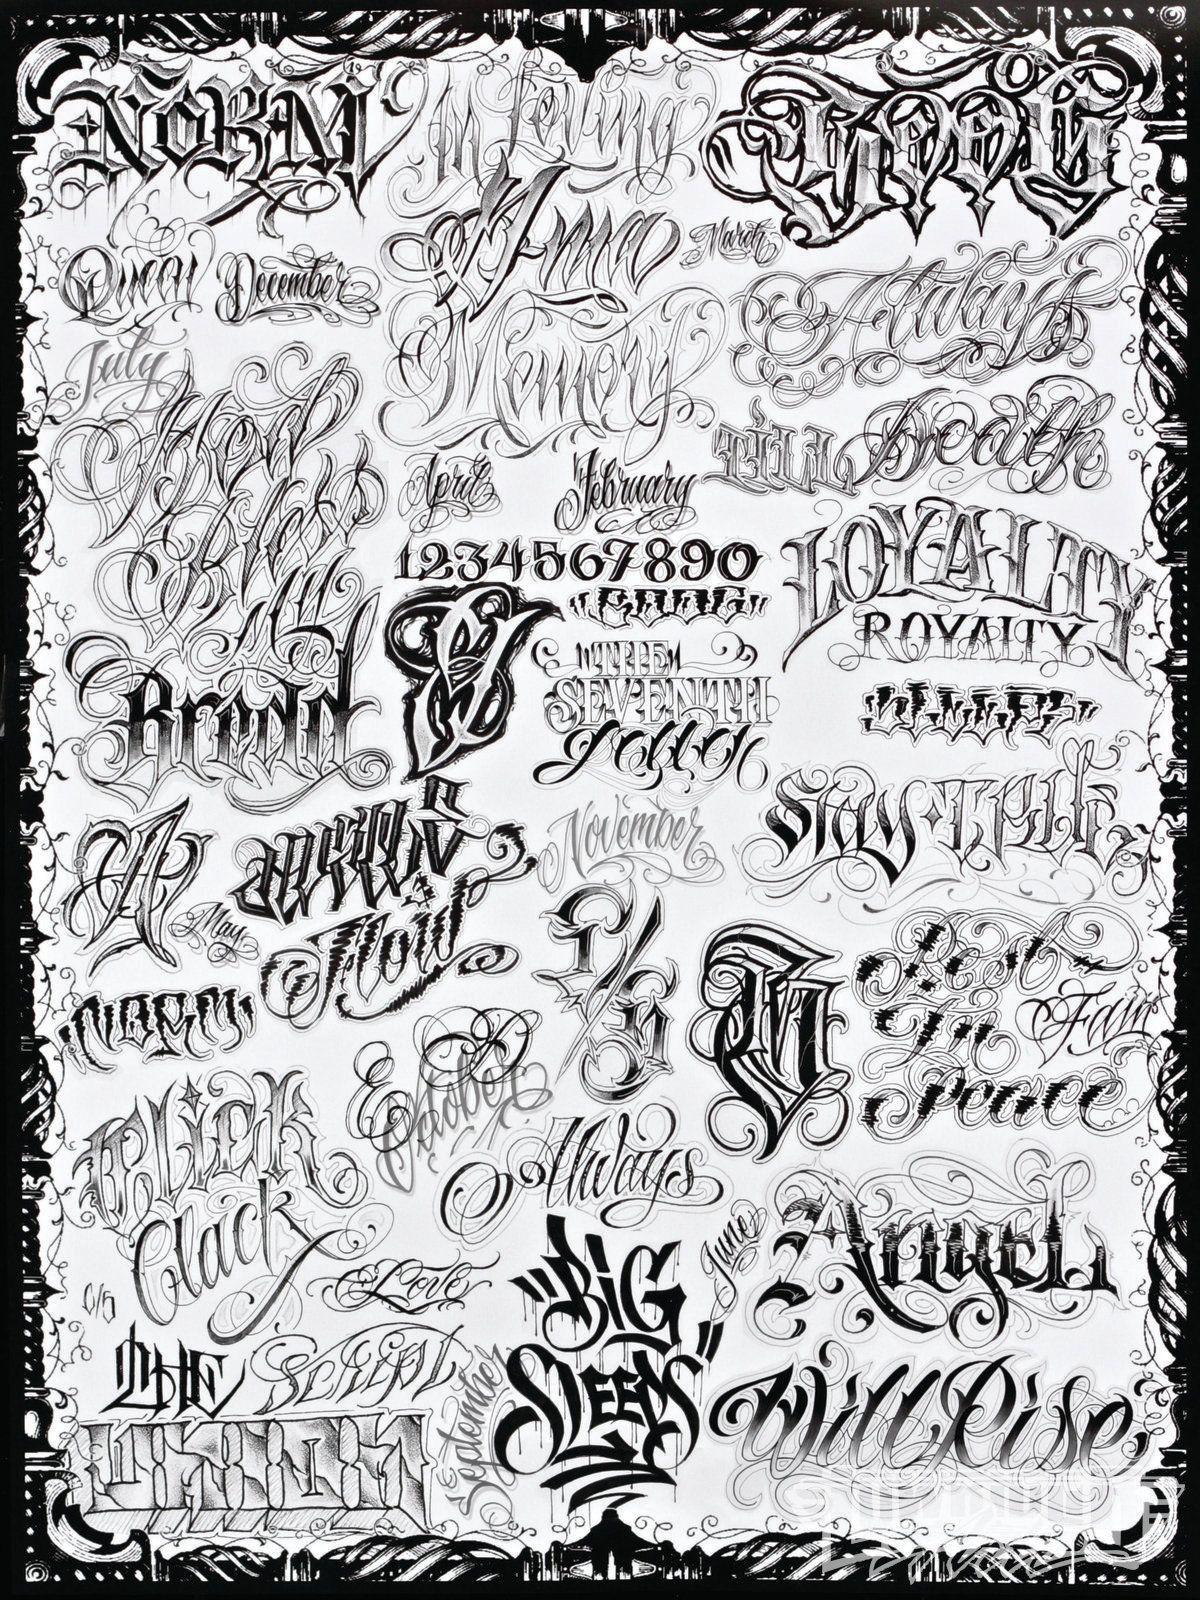 Graffiti art tattoo - Norm Tattoo And Graffiti Tattoo Art